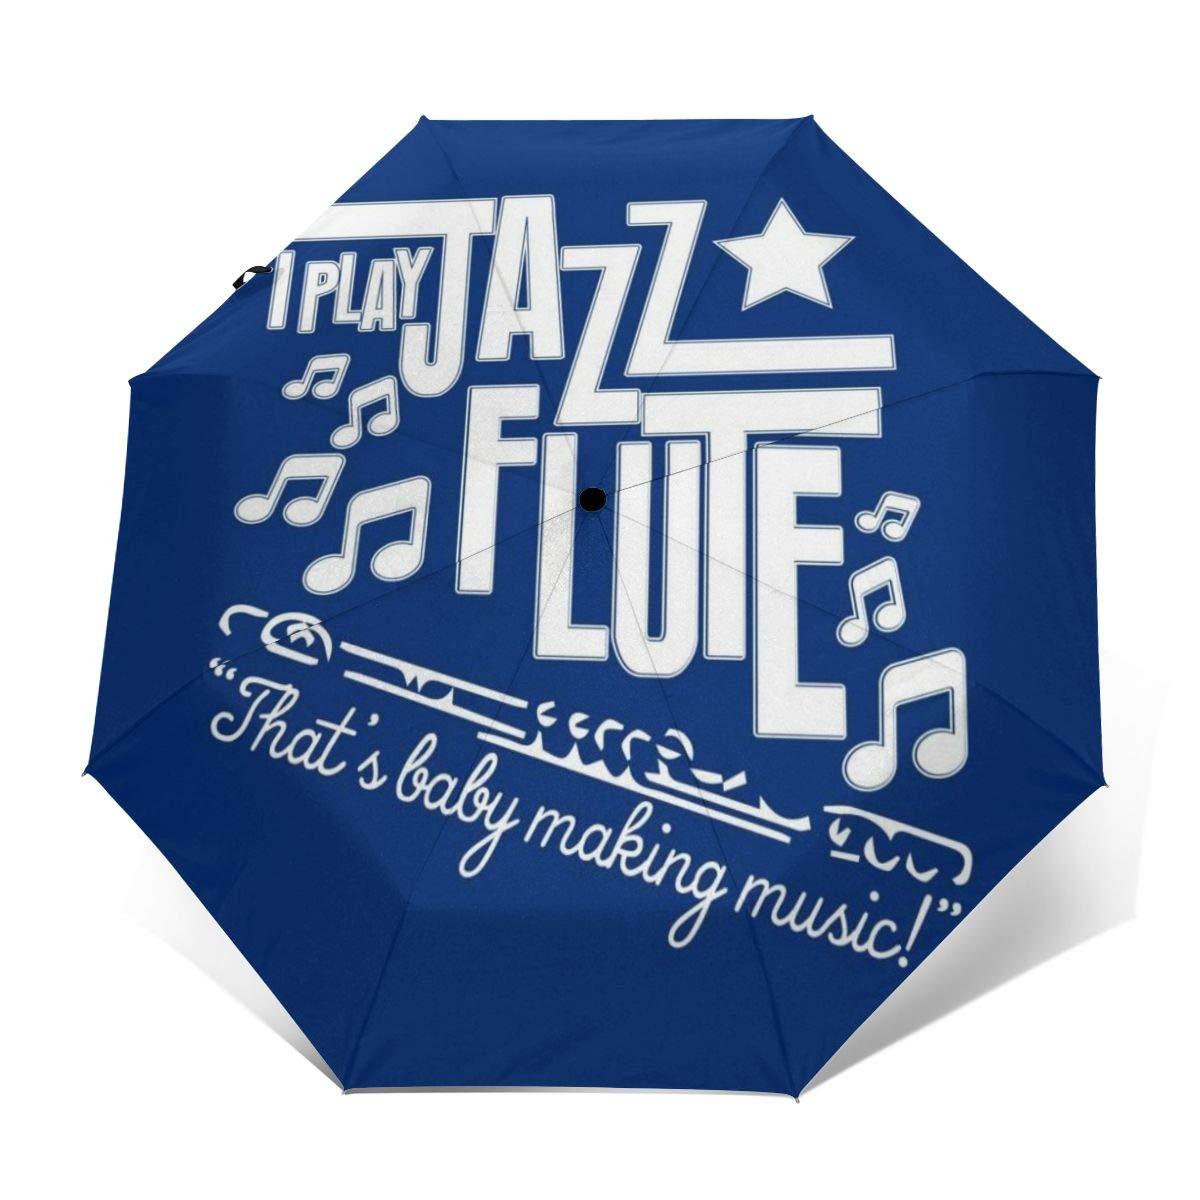 I Play Jazz Flauta Ron Borgoña Cita Anchorman Resistente al ...